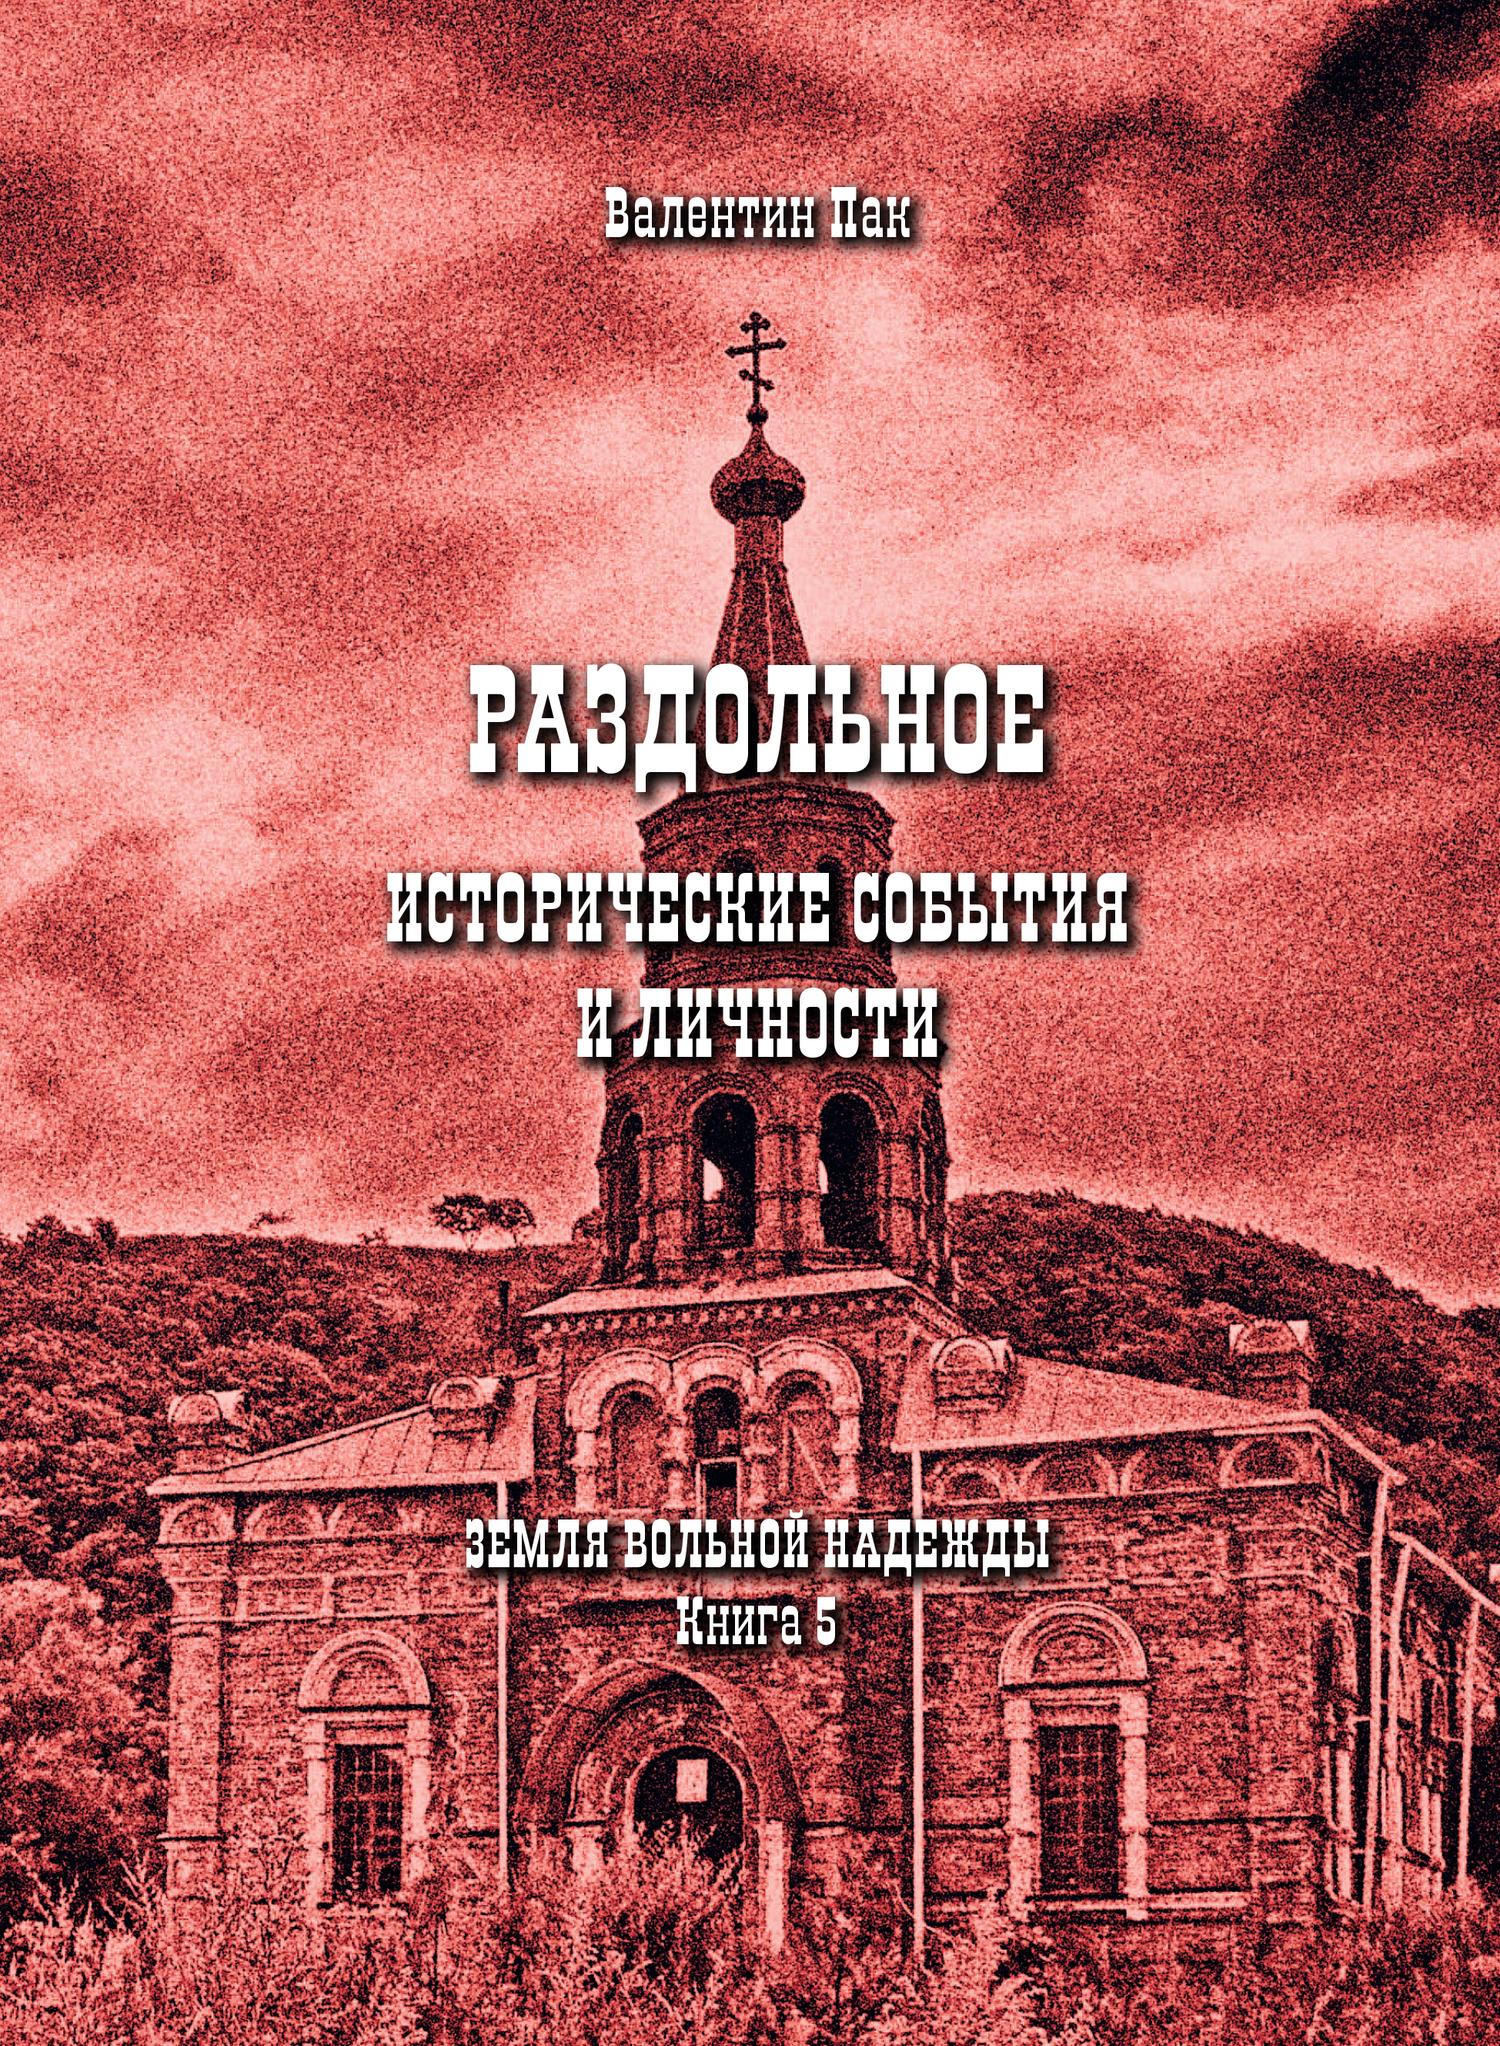 Валентин Пак - Раздольное: исторические события и личности